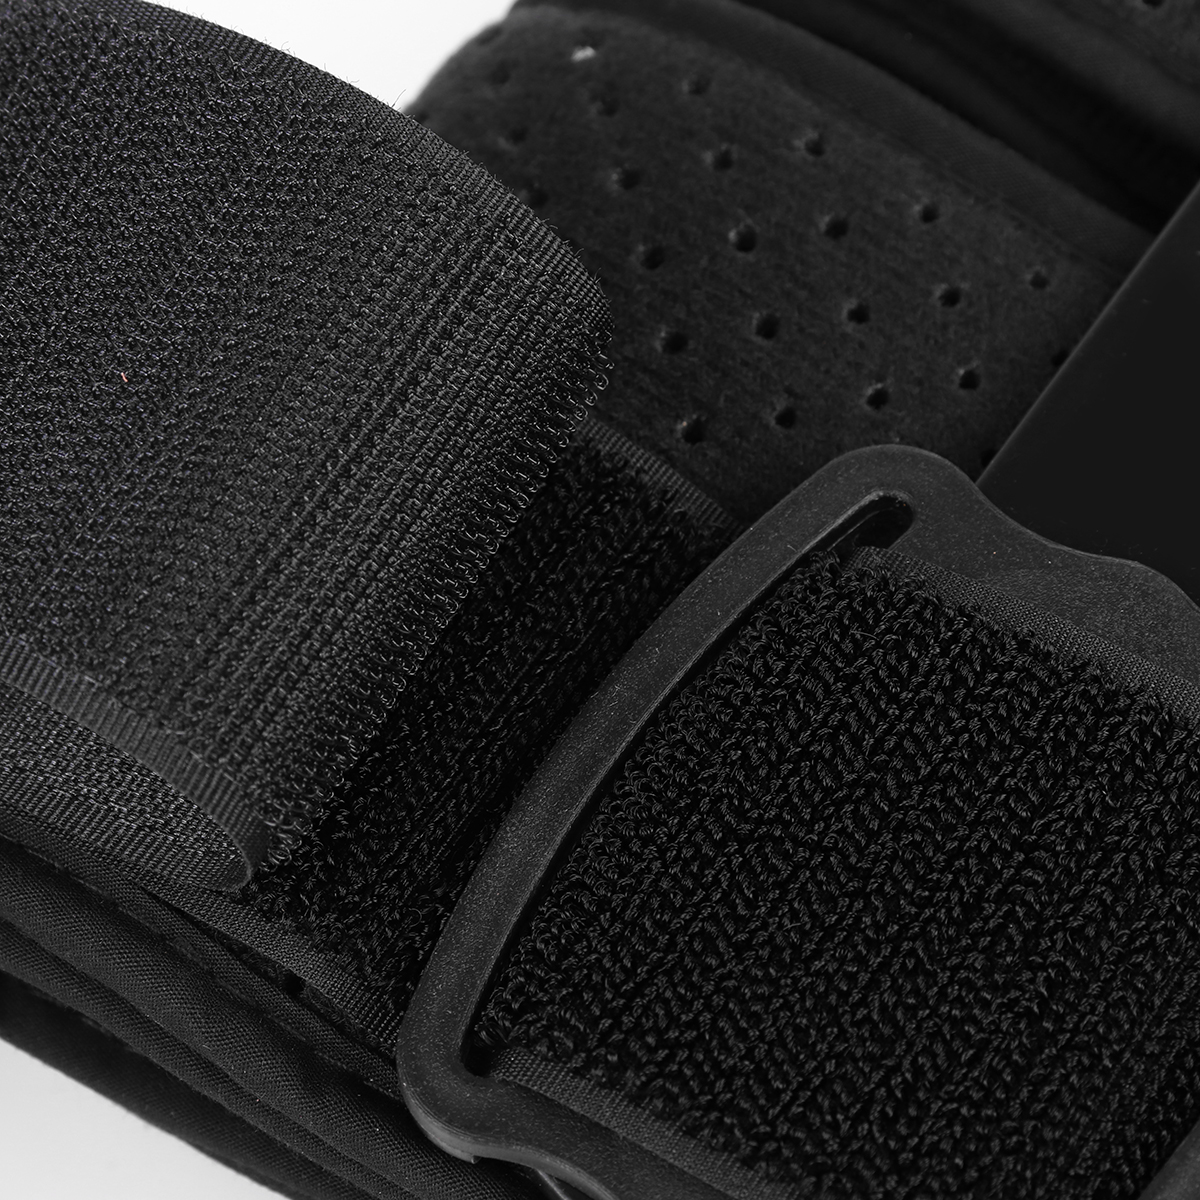 Medical Grade OP Knee Brace Belt Adjustable Hinged Knee Leg Brace Support and Protect